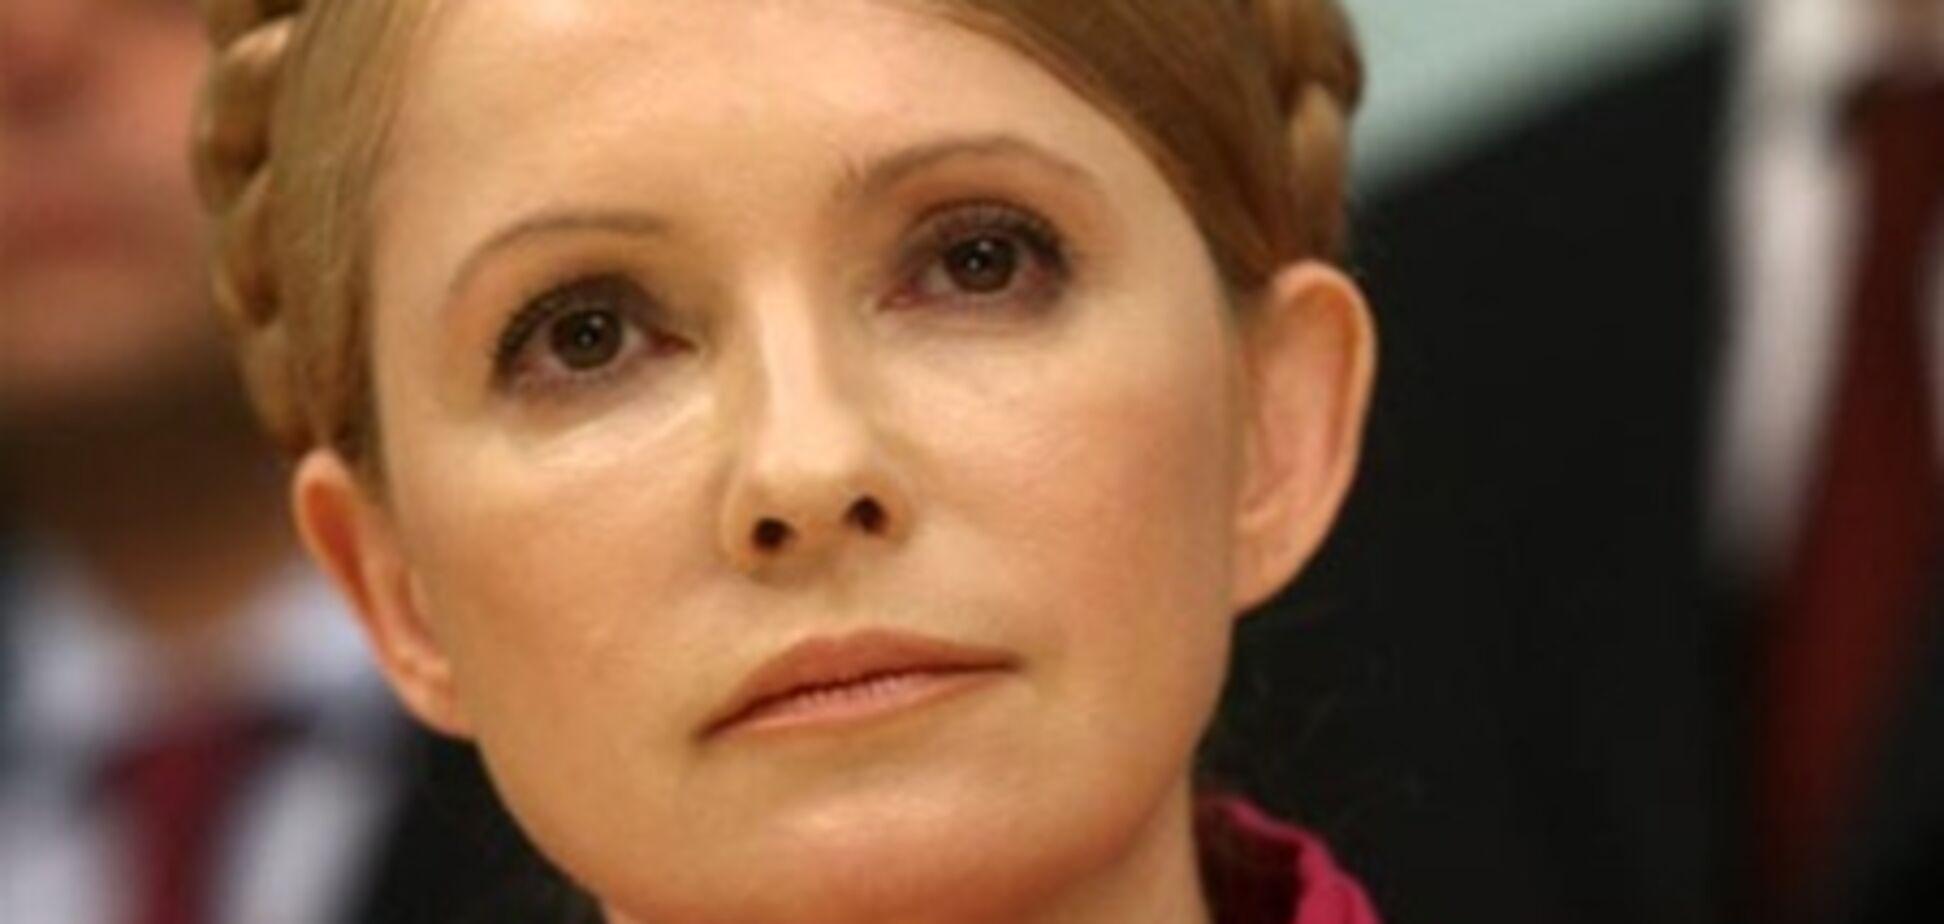 У ДПСУ кажуть, що Тимошенко 'зомліла' після душу